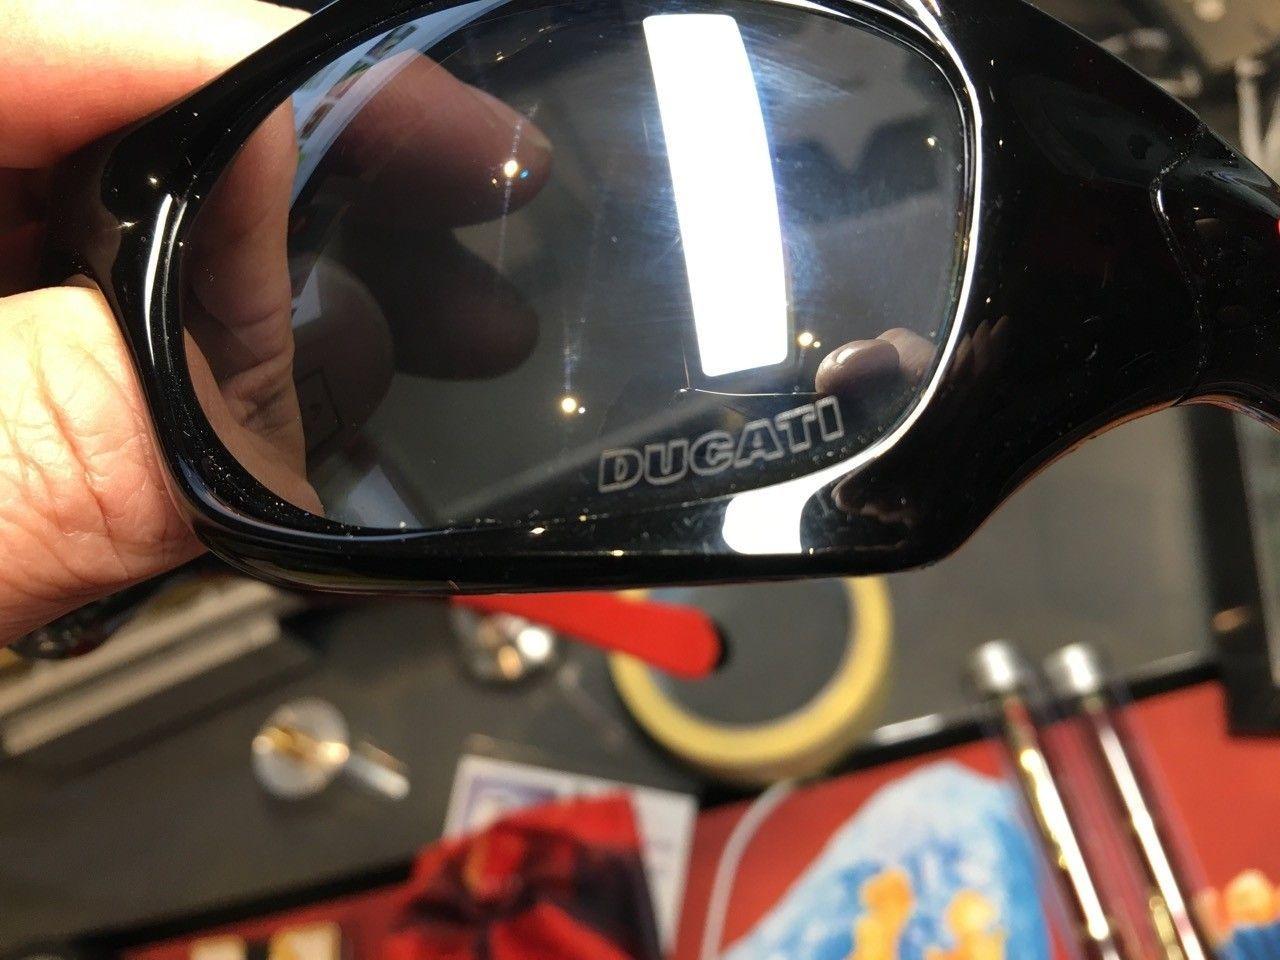 Ducati Pit Bull + Box - Pit Bull Ducati - 3.jpg